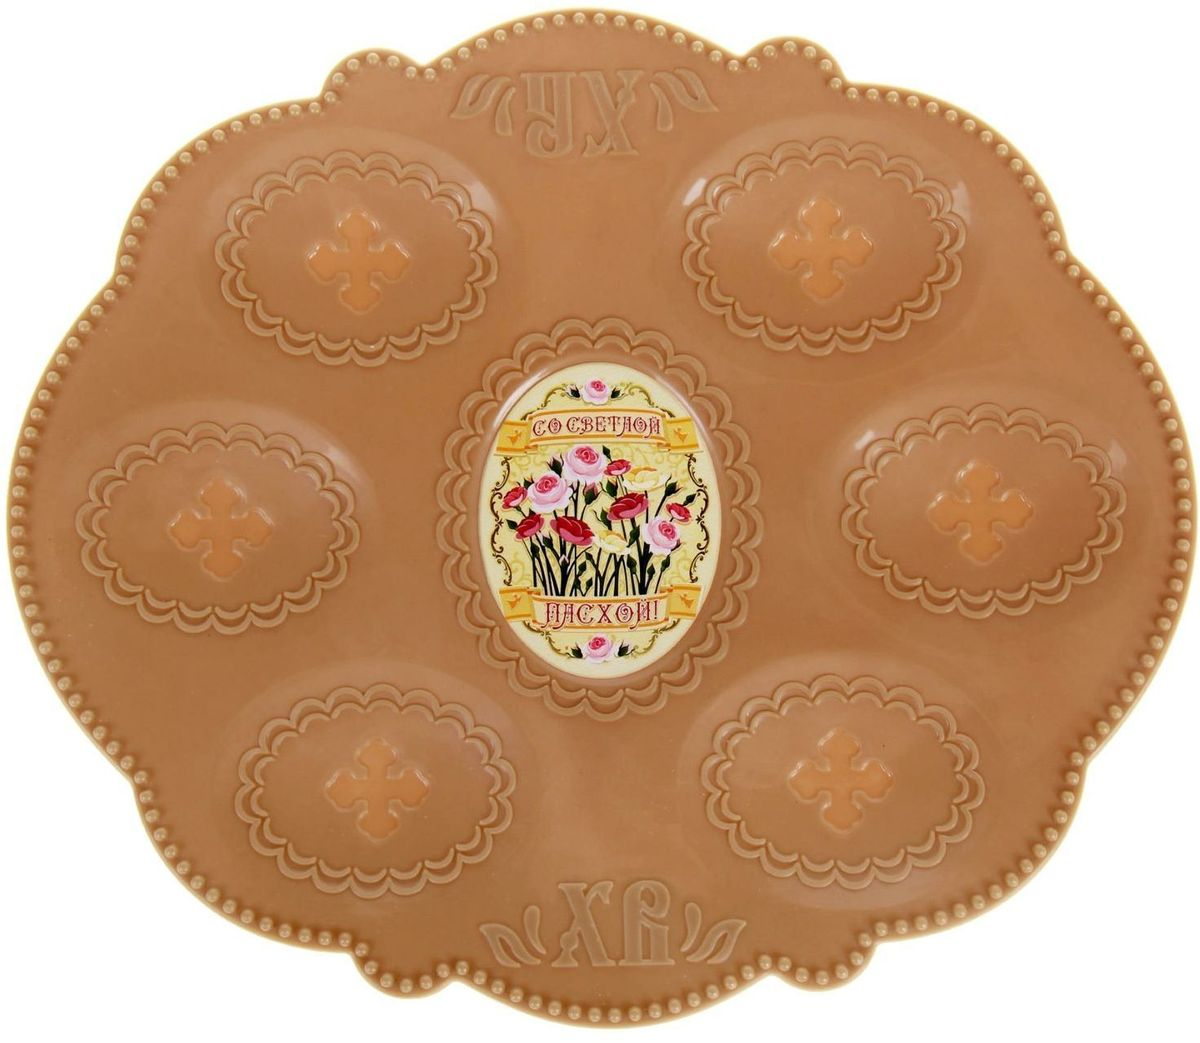 Подставка пасхальная Розы, для 6 яиц, 21 х 18 см. 1002597VT-1520(SR)Пасхальная подставка для 6 яиц изготовлена из качественного пластика, в центре имеется яркая вставка. Аксессуар станет достойным украшением праздничного стола, создаст радостное настроение и наполнит пространство вашего дома благостной энергией на весь год вперёд.Подставка будет ценным памятным подарком для родных, друзей и коллег.Радости, добра и света вам и вашим близким!